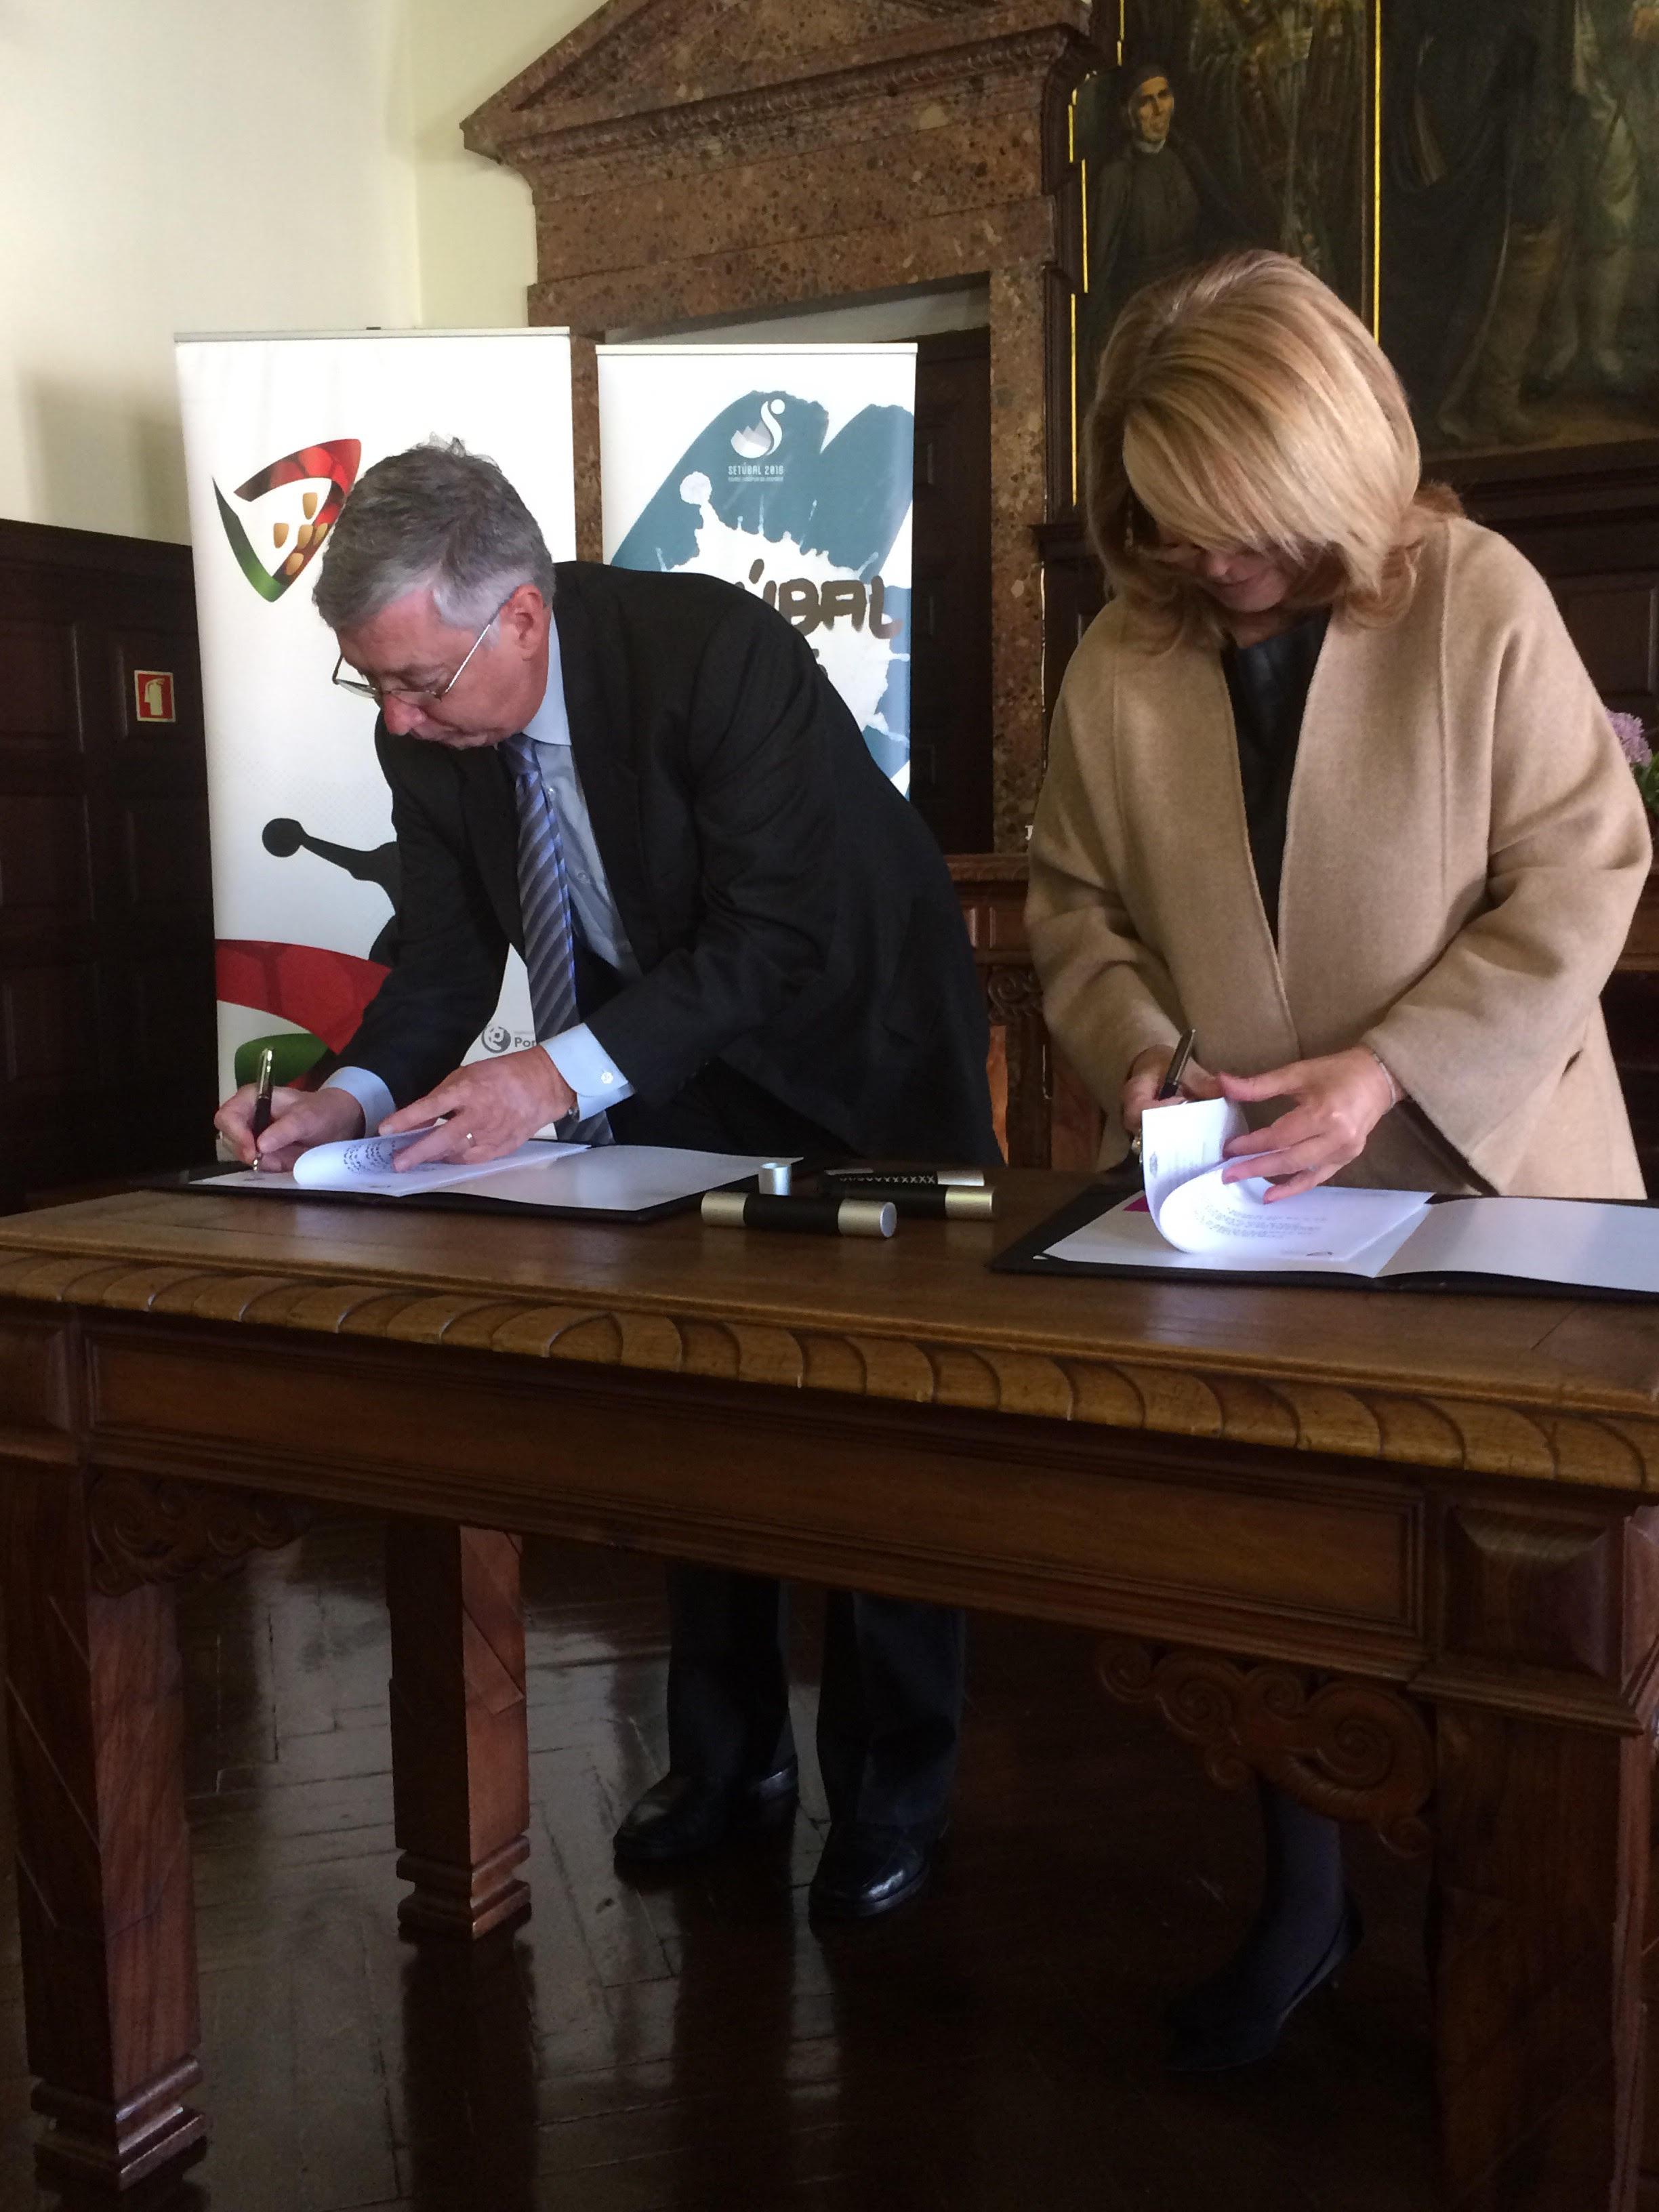 Protocolo Câmara de Setúbal - Federação de Andebol 2 - Abril 2016